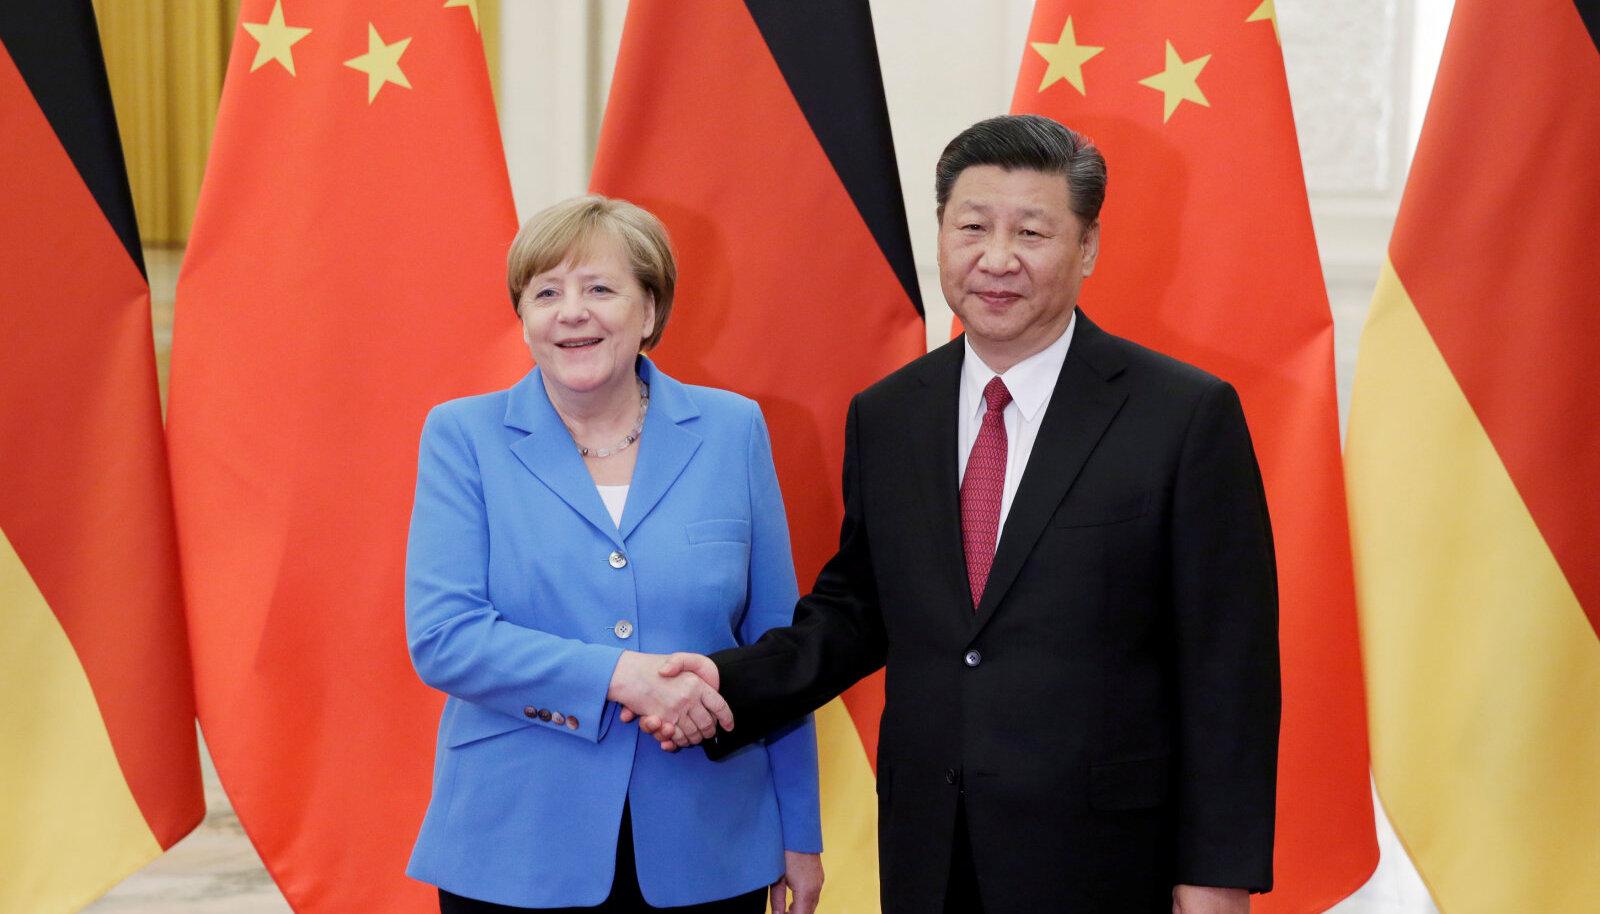 Hiina on Saksamaa suurim kaubanduspartner ning Berliin ei soovi häid suhteid rikkuda.